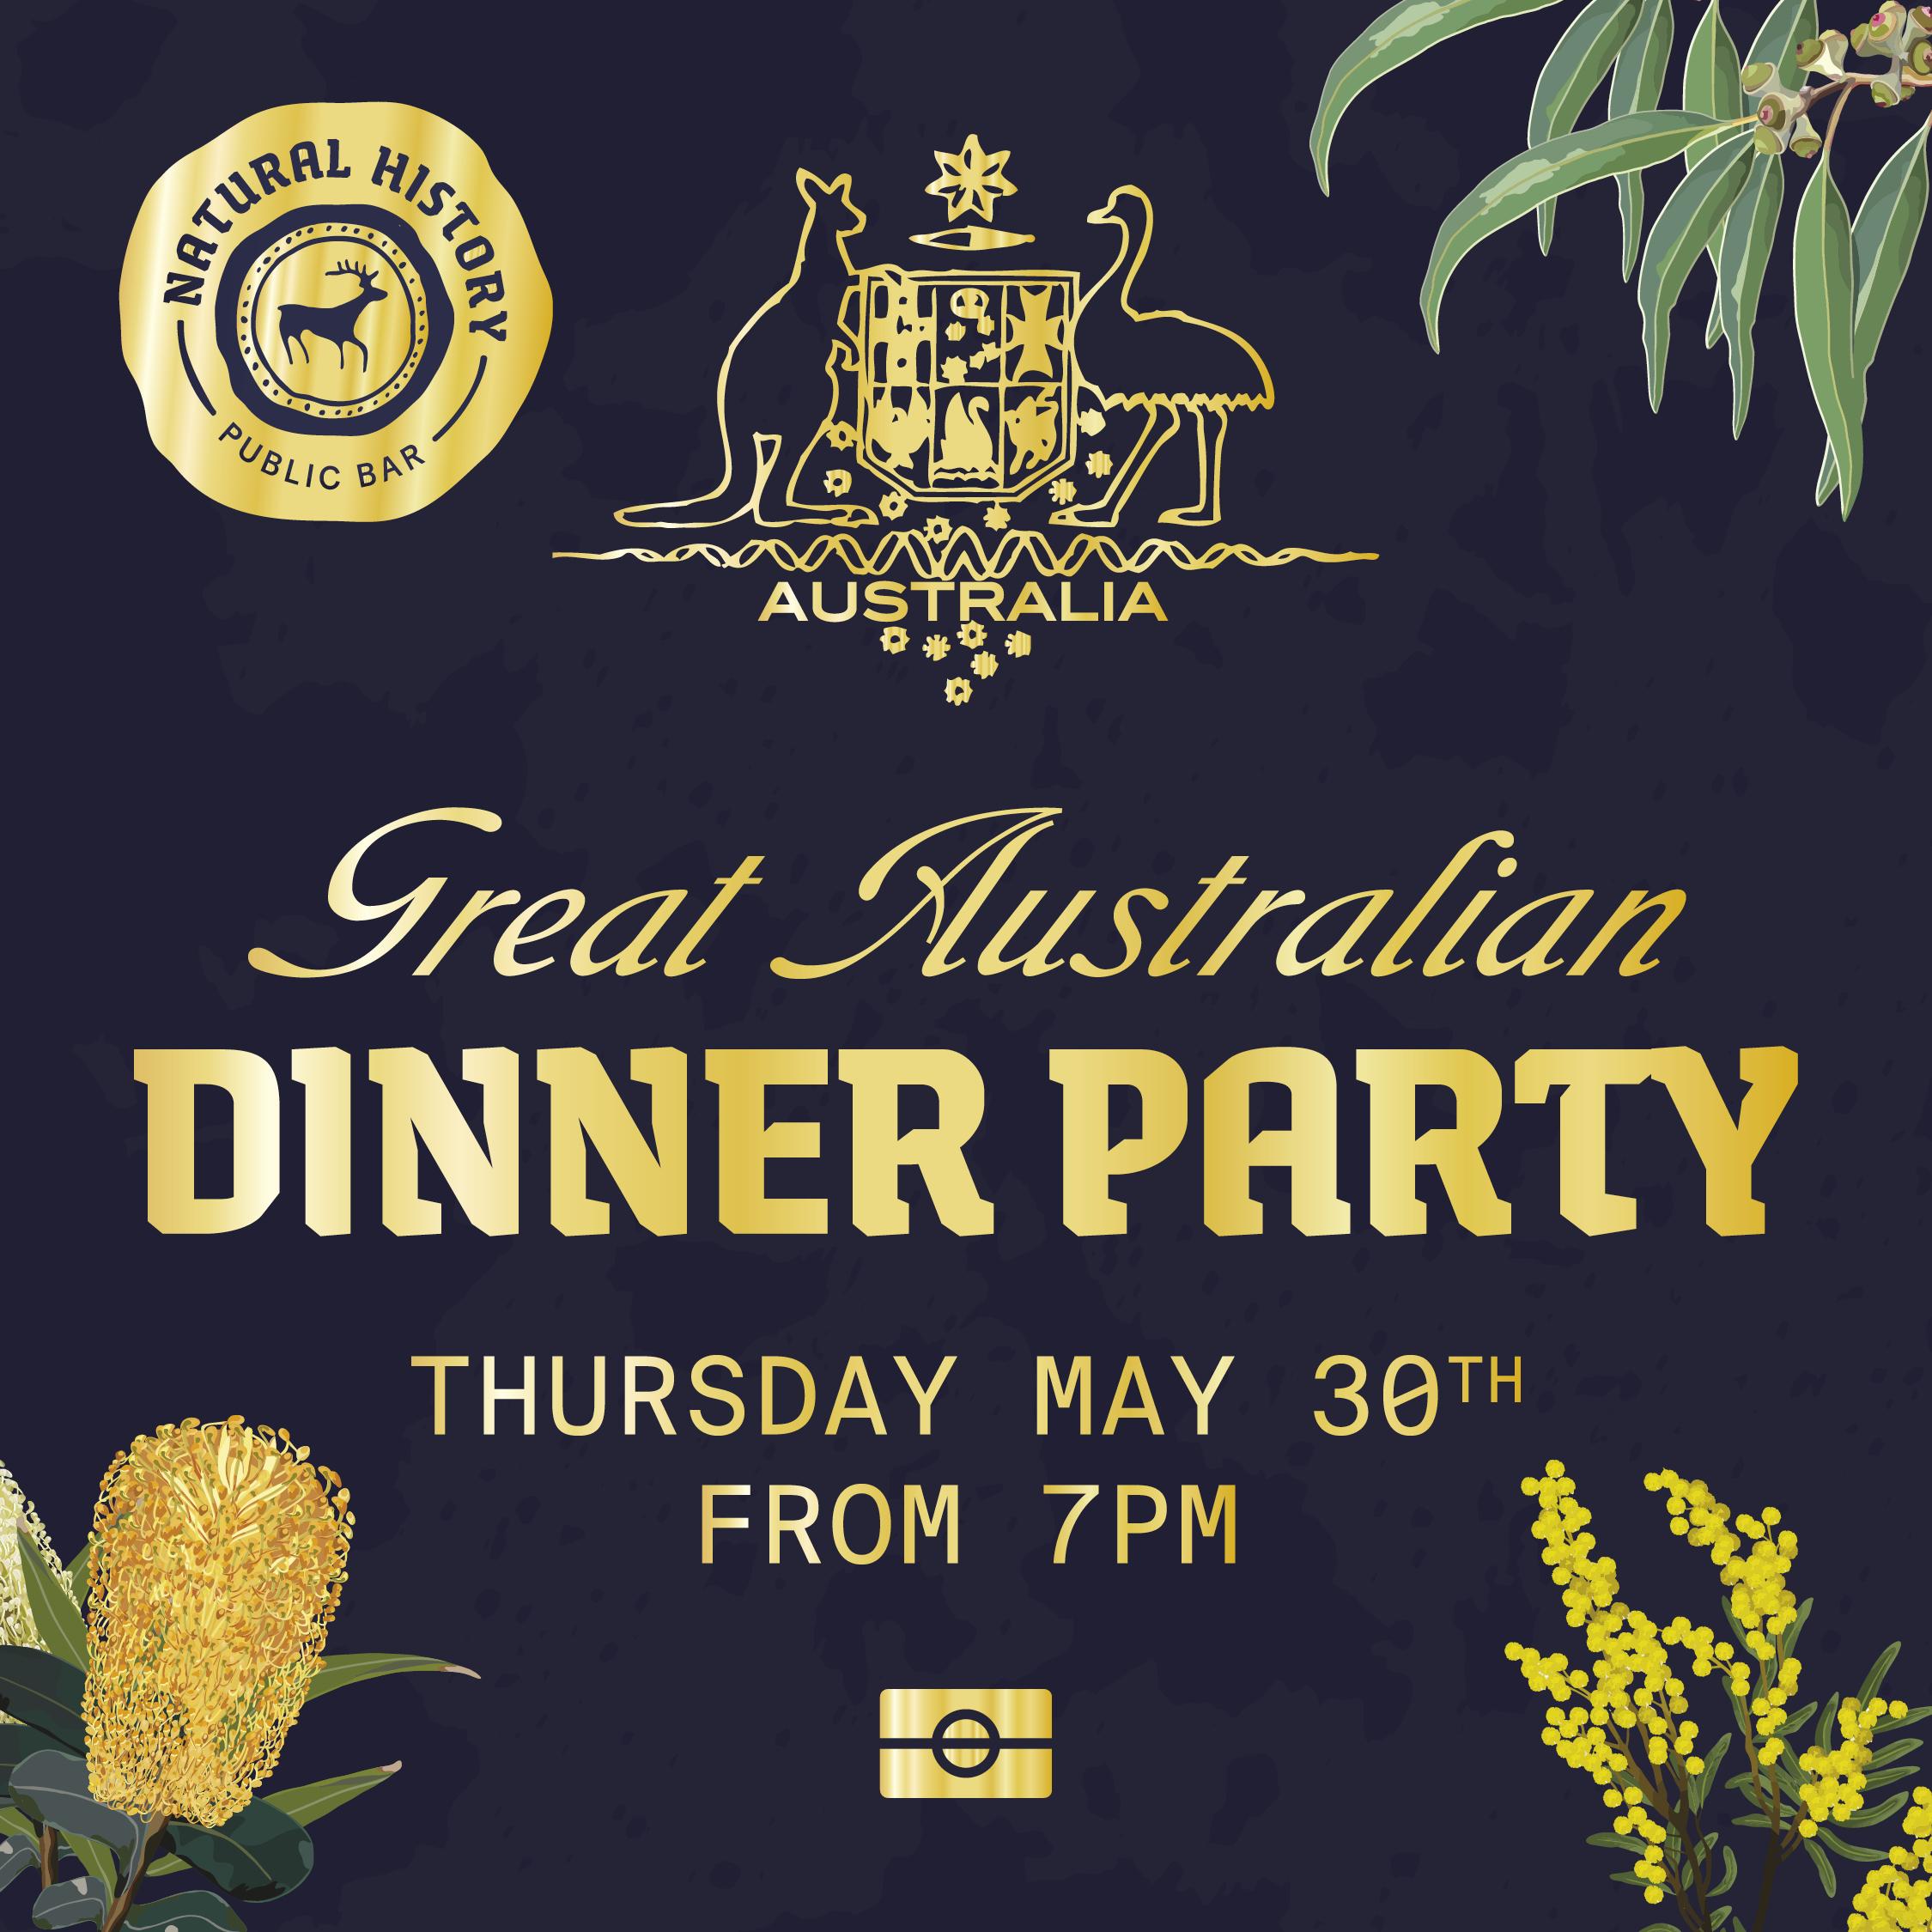 NH19-58_Great_Australian_Dinner_Party_[Instagram_Tile].jpg